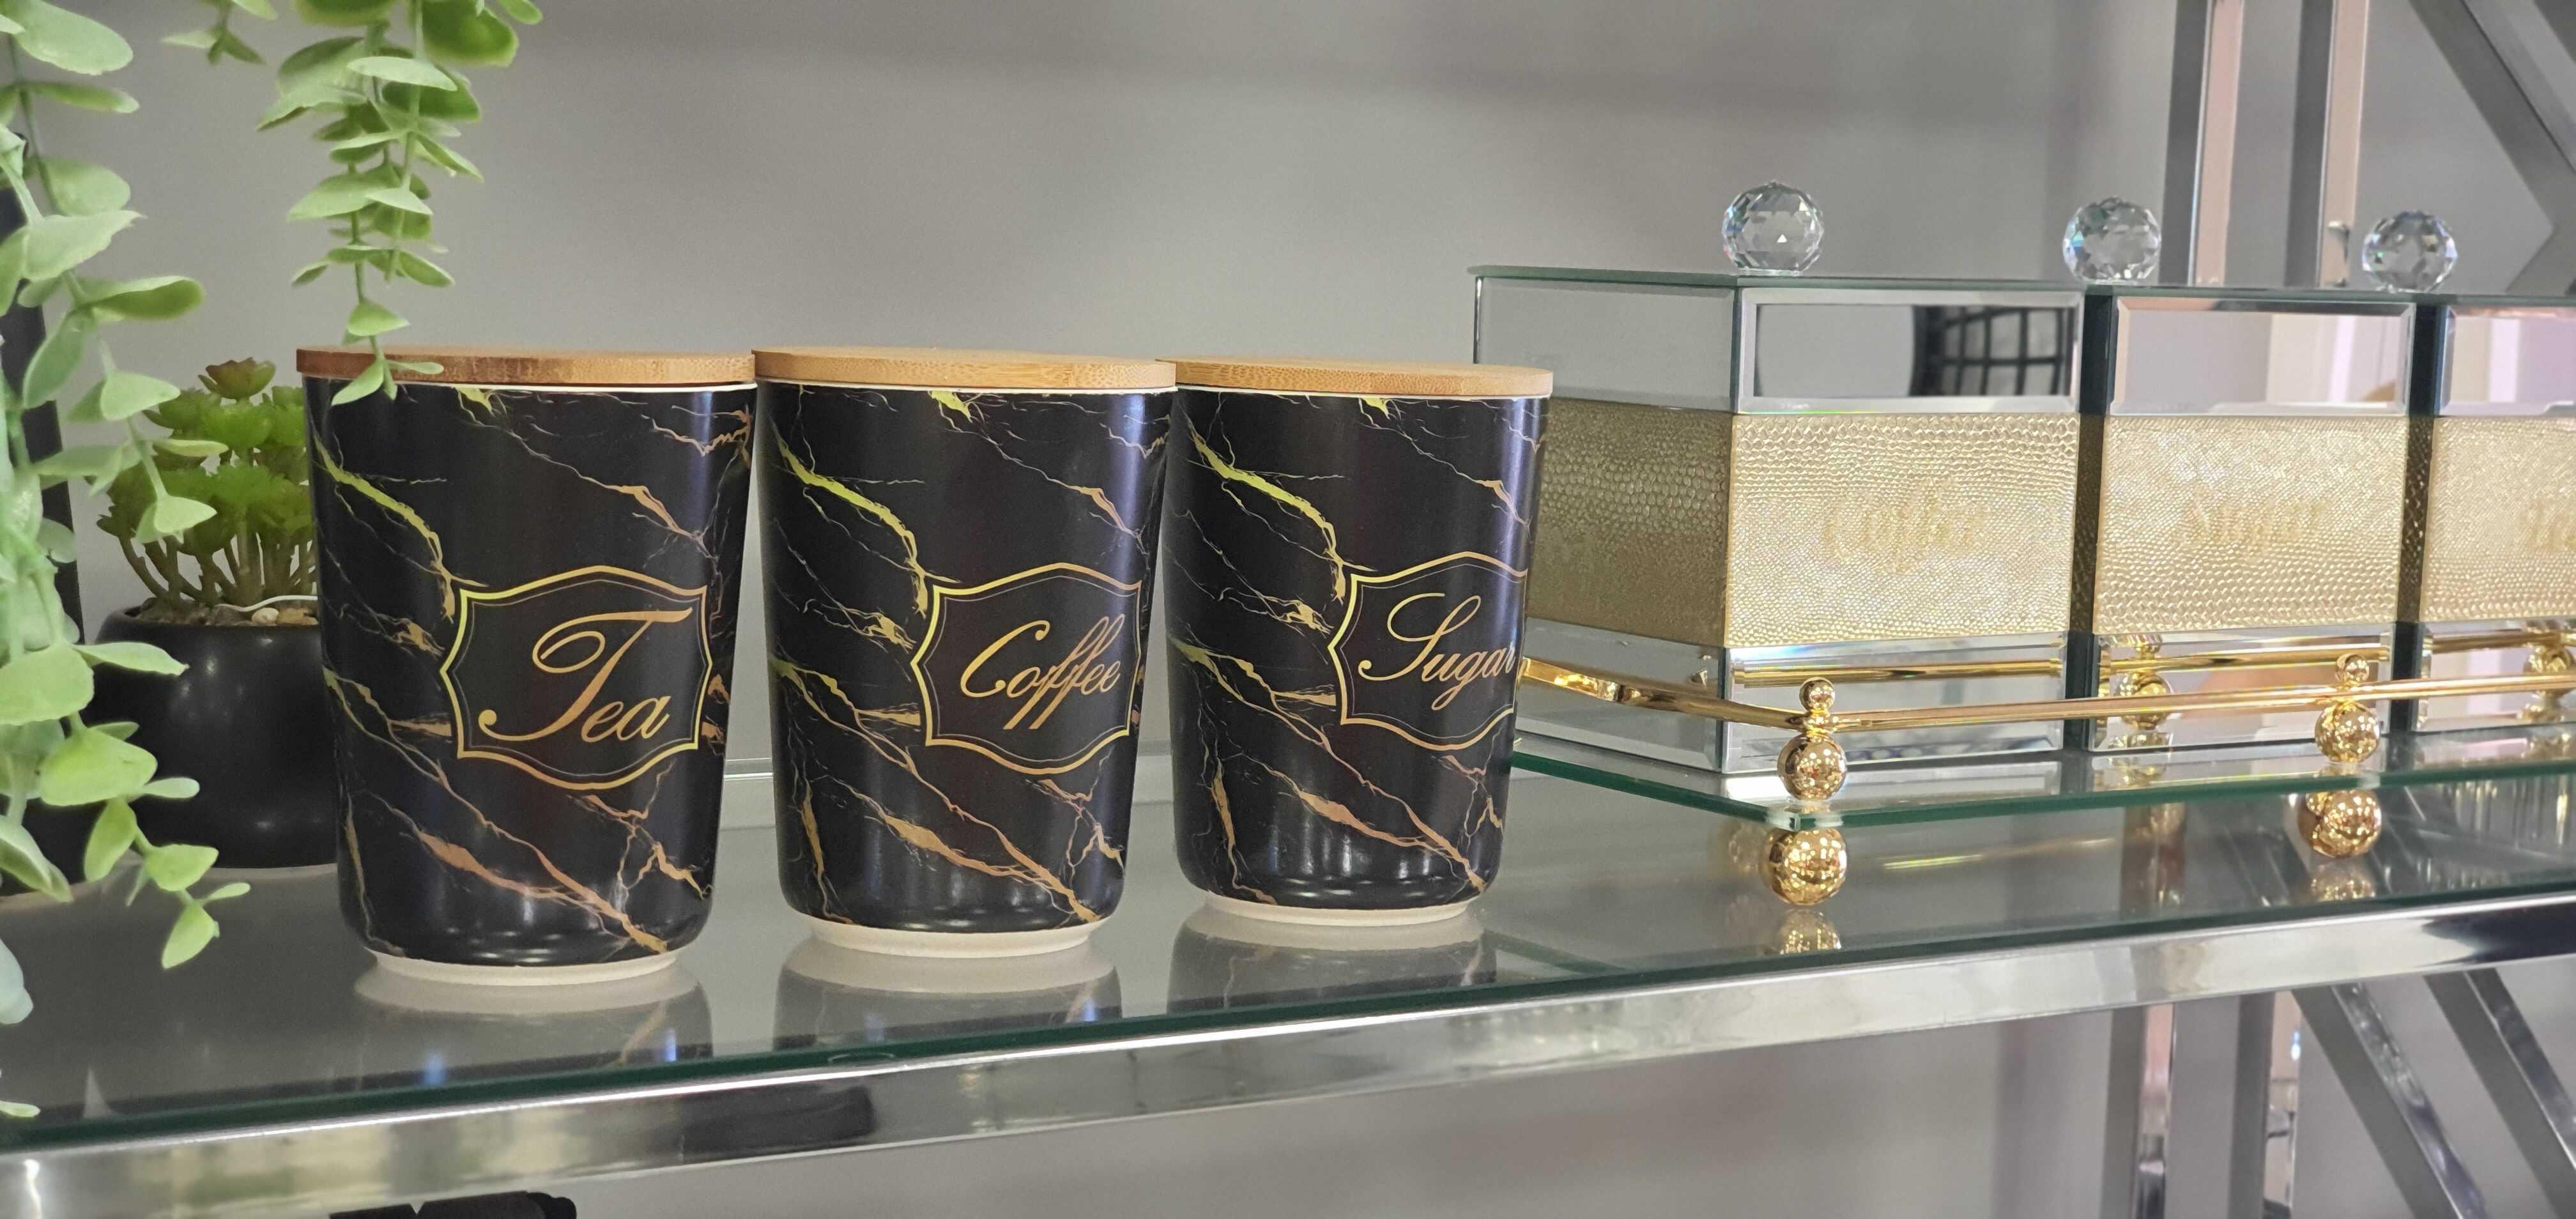 סט קפה דמוי שיש שחור מכסה עץ